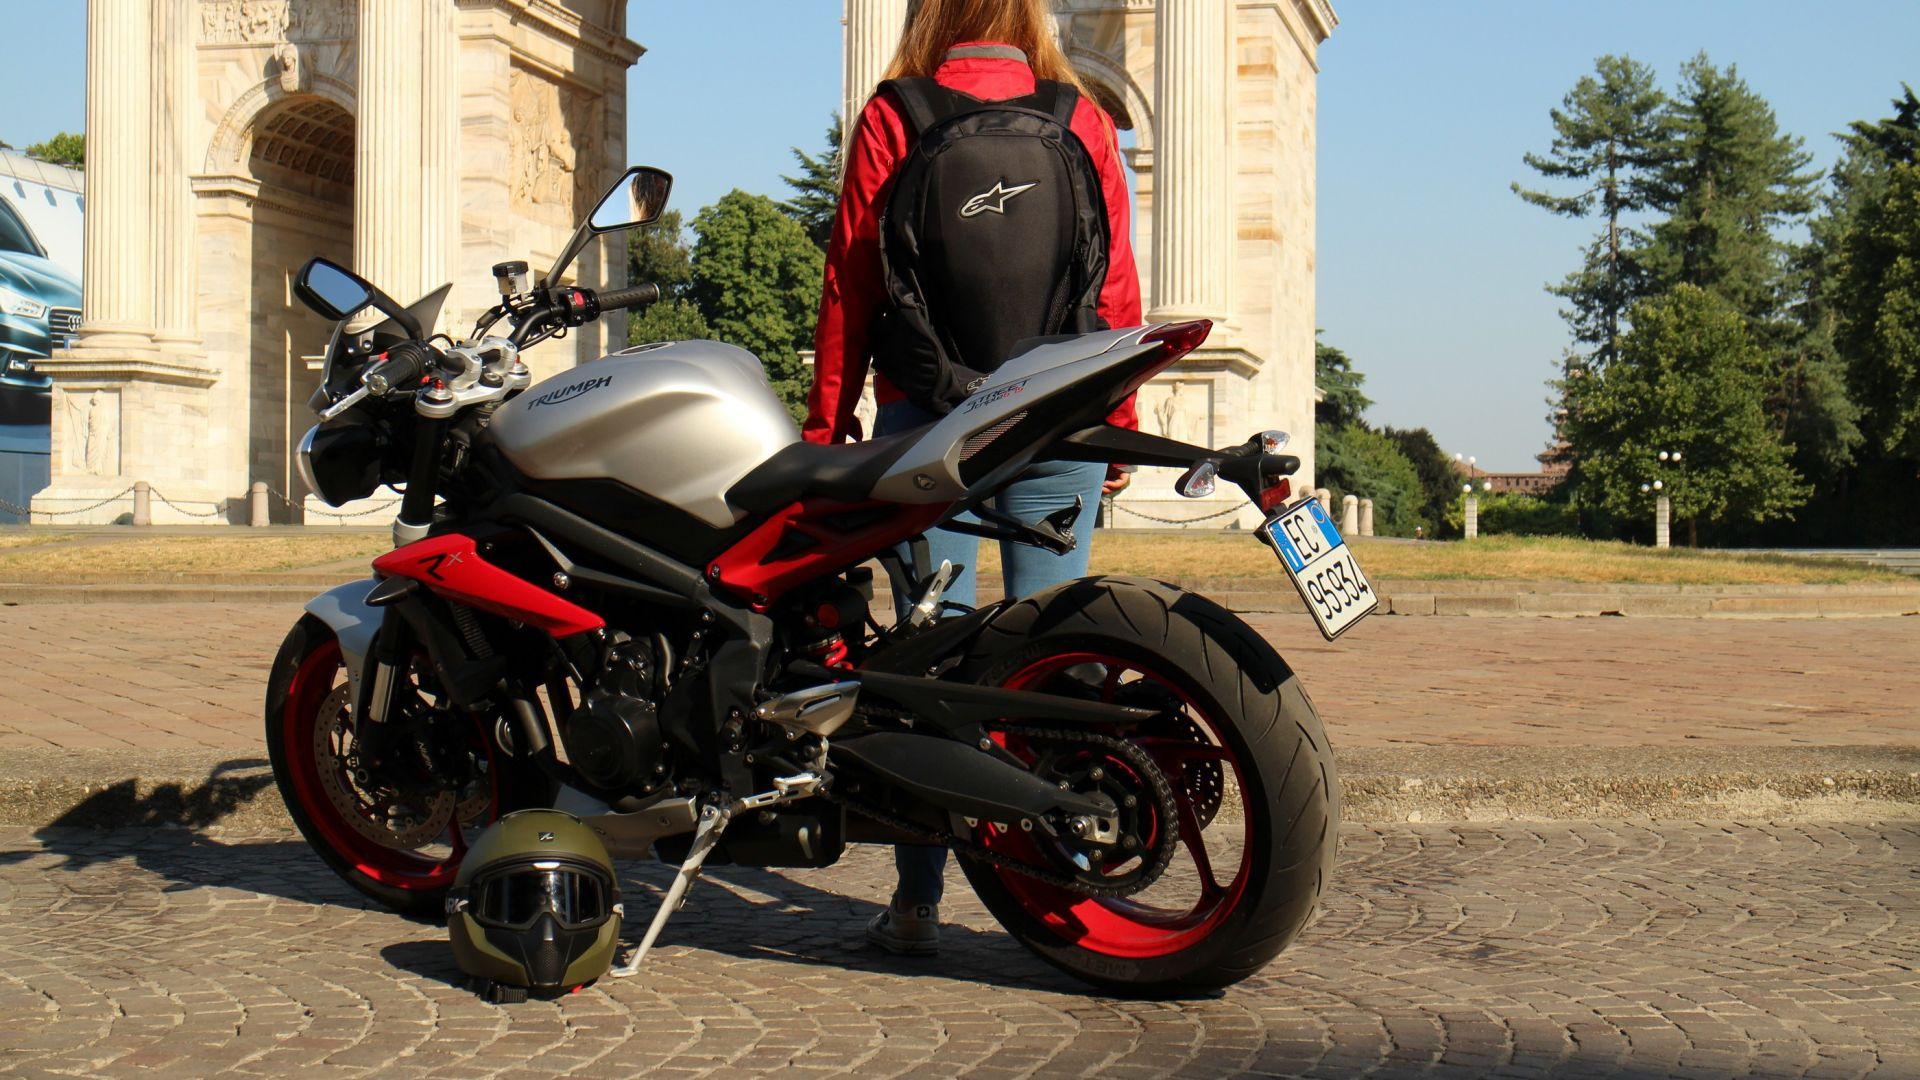 design senza tempo 6a840 93a66 Accessori moto: Zaini Alpinestars - MotorBox